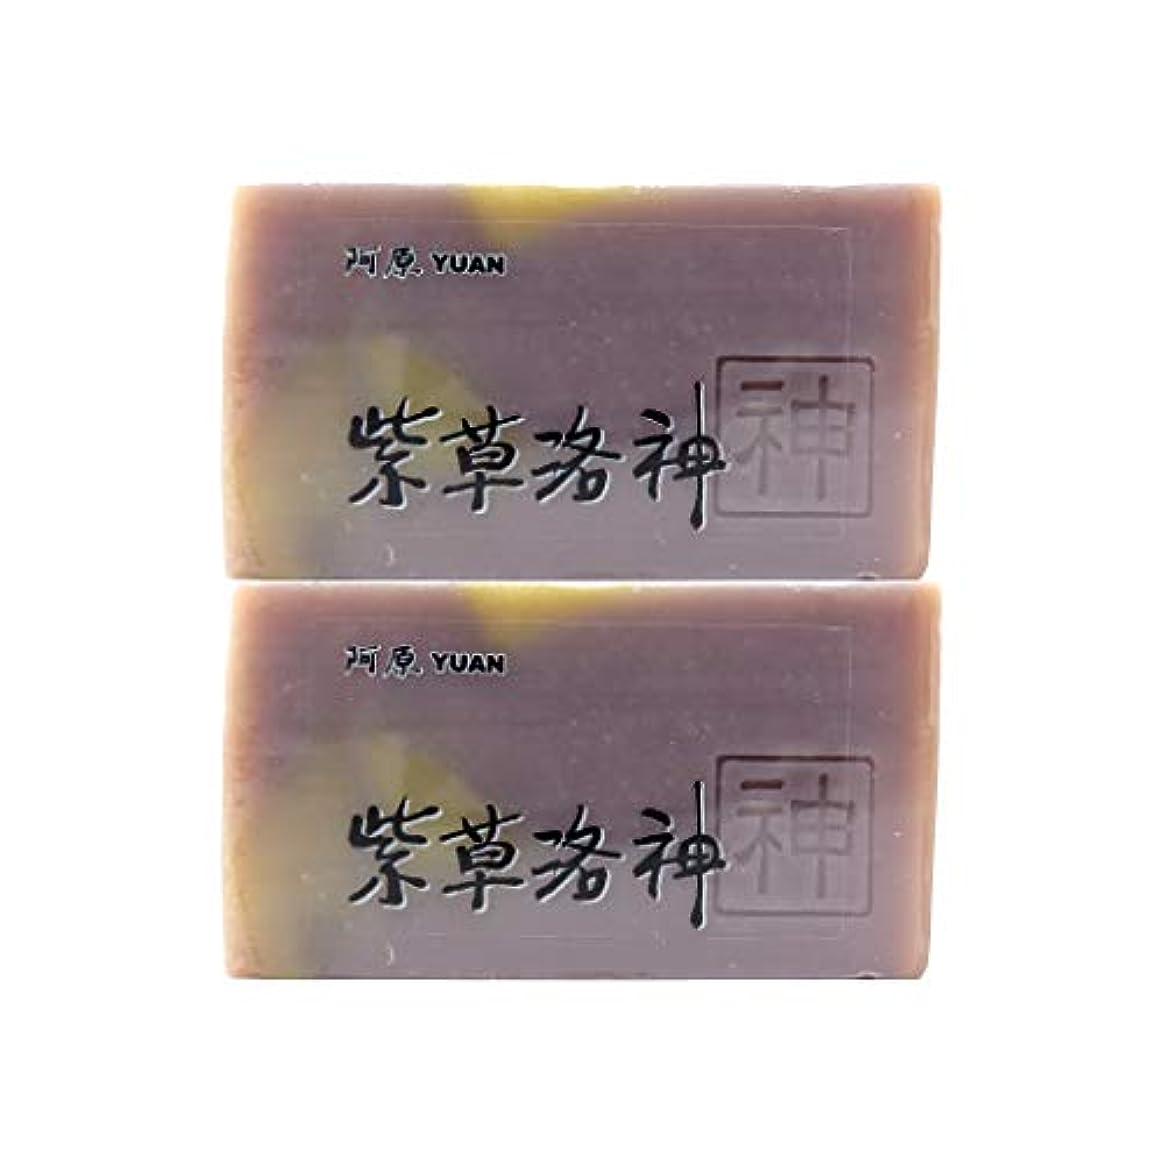 ノミネートオッズプレゼンターユアン(YUAN) ハイビスカスソープ 100g (2個セット)